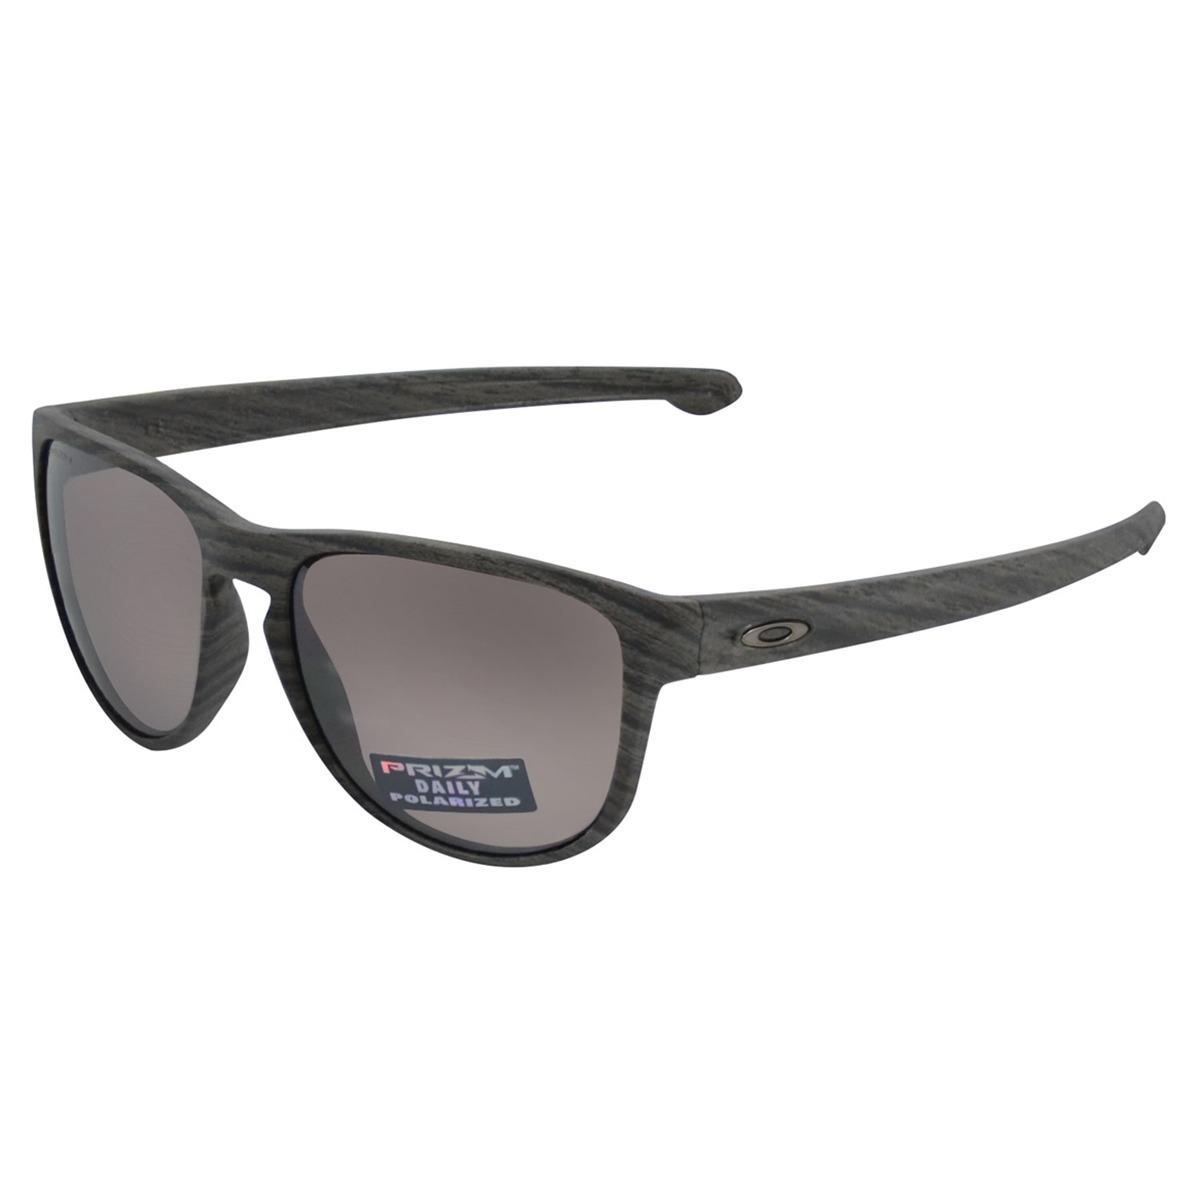 4946768d795de óculos oakley sliver r woodgrain prizm polarizado chumbo. Carregando zoom.